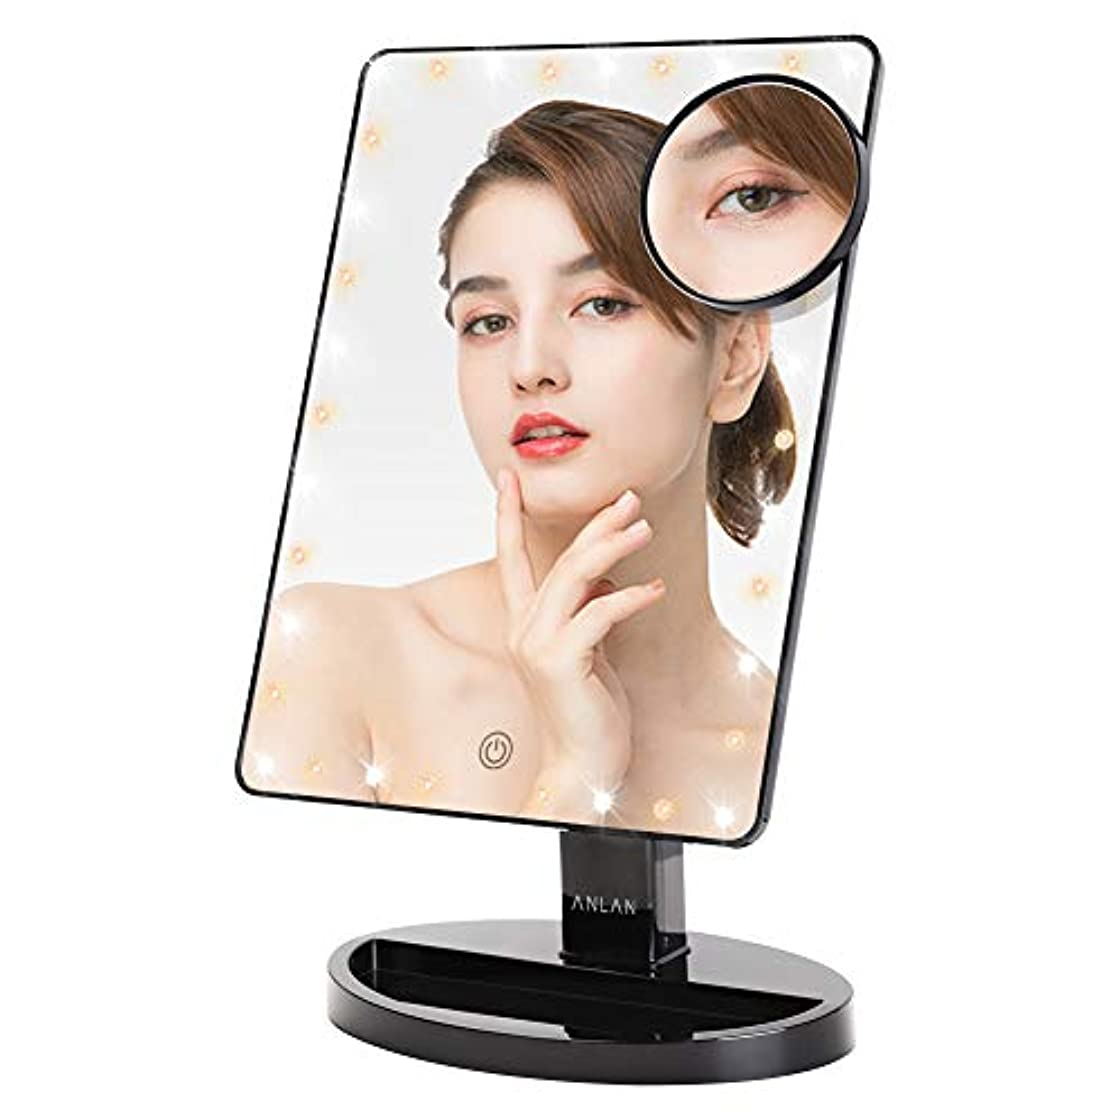 交渉するキノコキウイ卓上鏡 LED化粧鏡 ANLAN 女優ミラー 10倍拡大鏡付き スタンド 明るさ調節可能 360°回転式 前後180°無階段調整 USB/単三電池給電